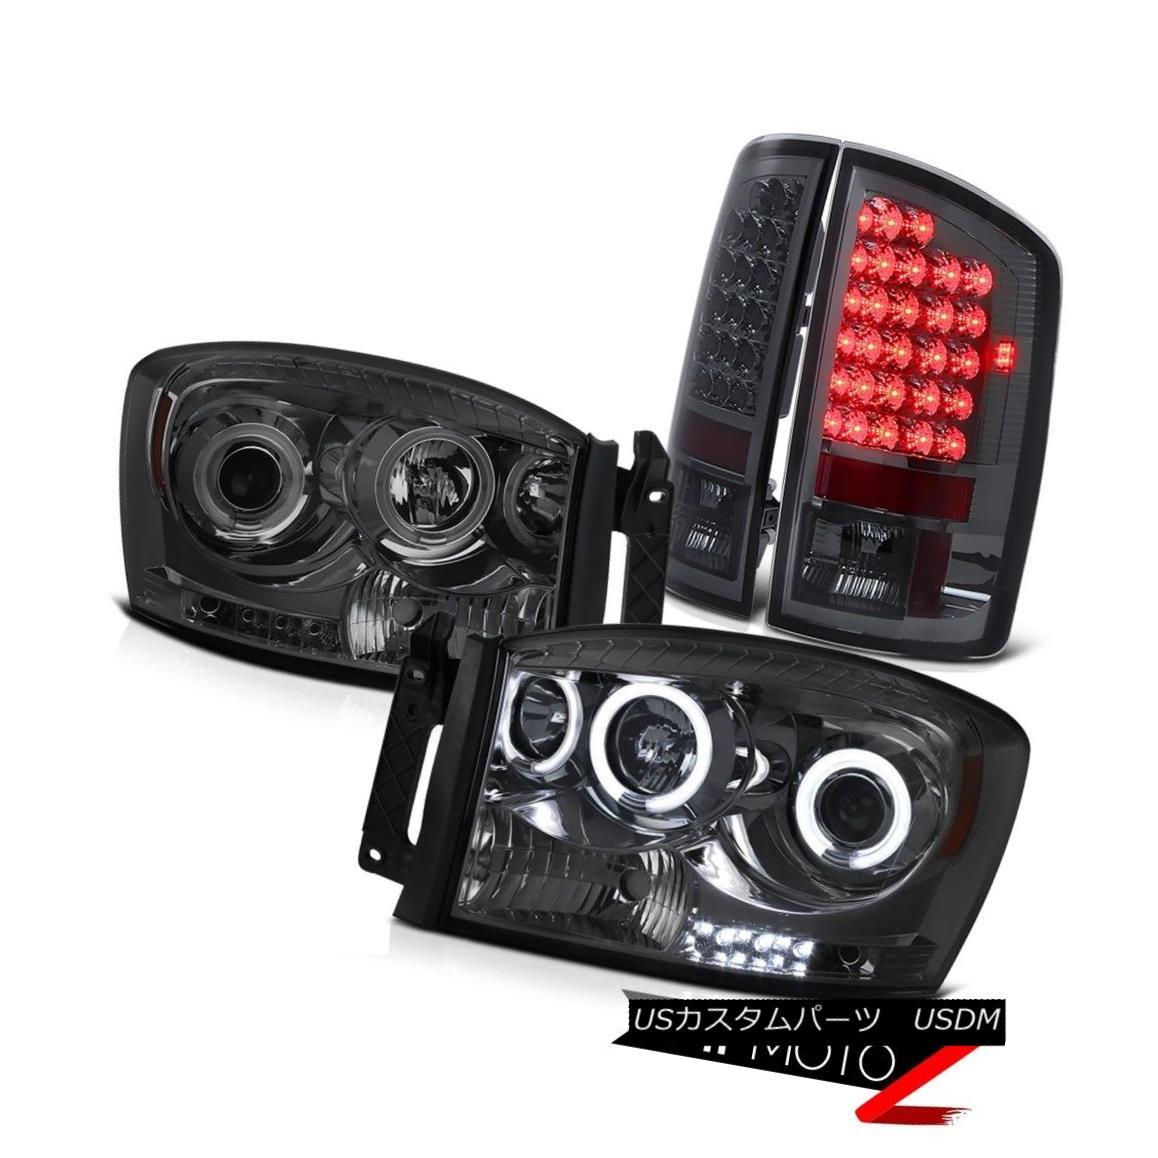 テールライト Smoke HaLo Projector CCFl Headlight+RED/SMOKE LED Tail Light 2006 Dodge RAM 1500 Smoke HaLoプロジェクターCCFlヘッドライト+ RED / SMOKE LEDテールライト2006 Dodge RAM 1500